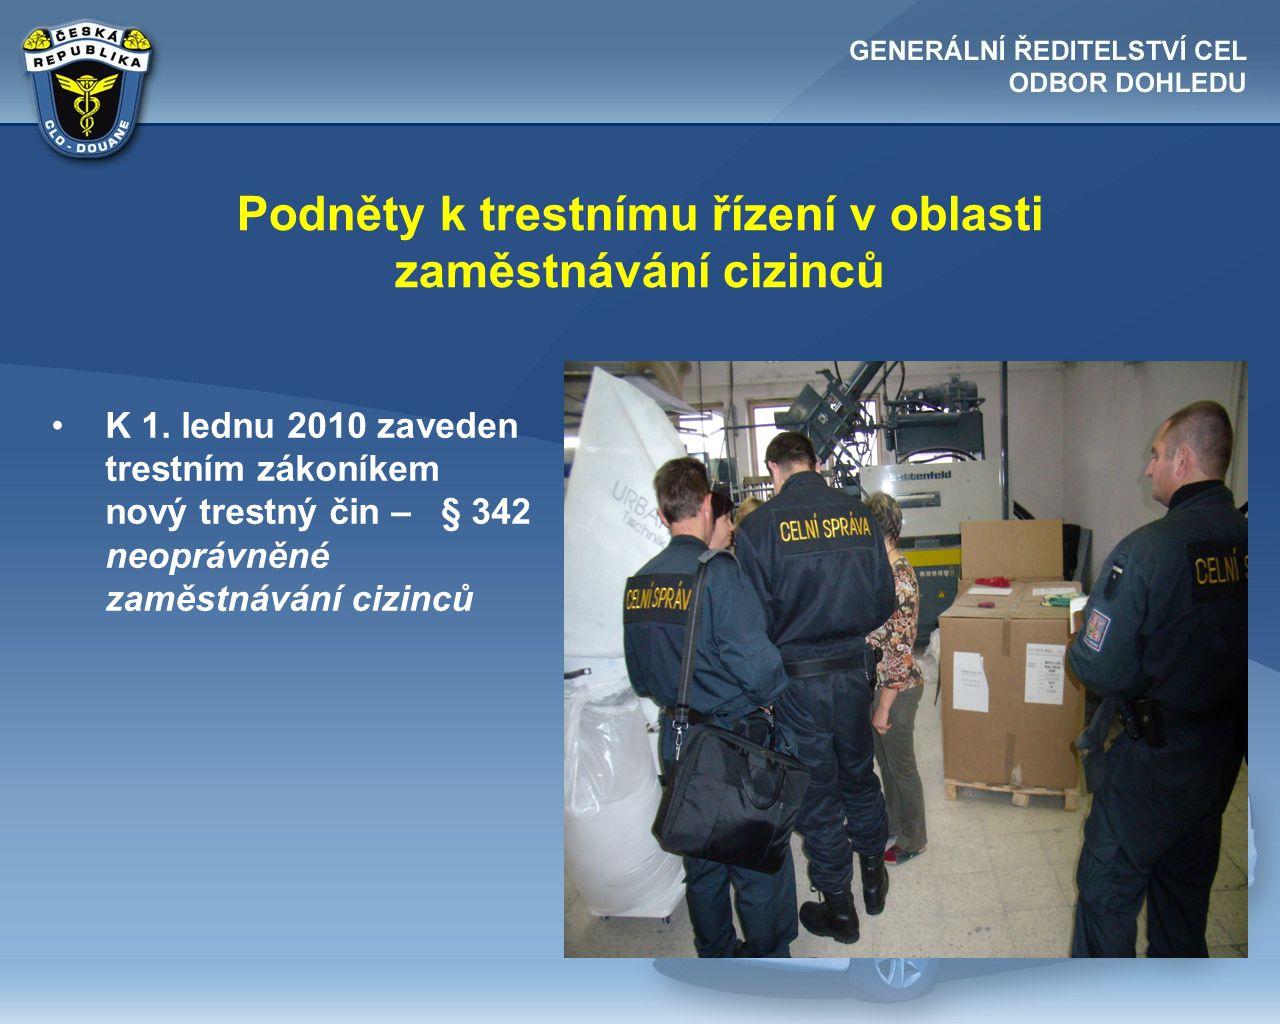 Podněty k trestnímu řízení v oblasti zaměstnávání cizinců •K 1. lednu 2010 zaveden trestním zákoníkem nový trestný čin – § 342 neoprávněné zaměstnáván